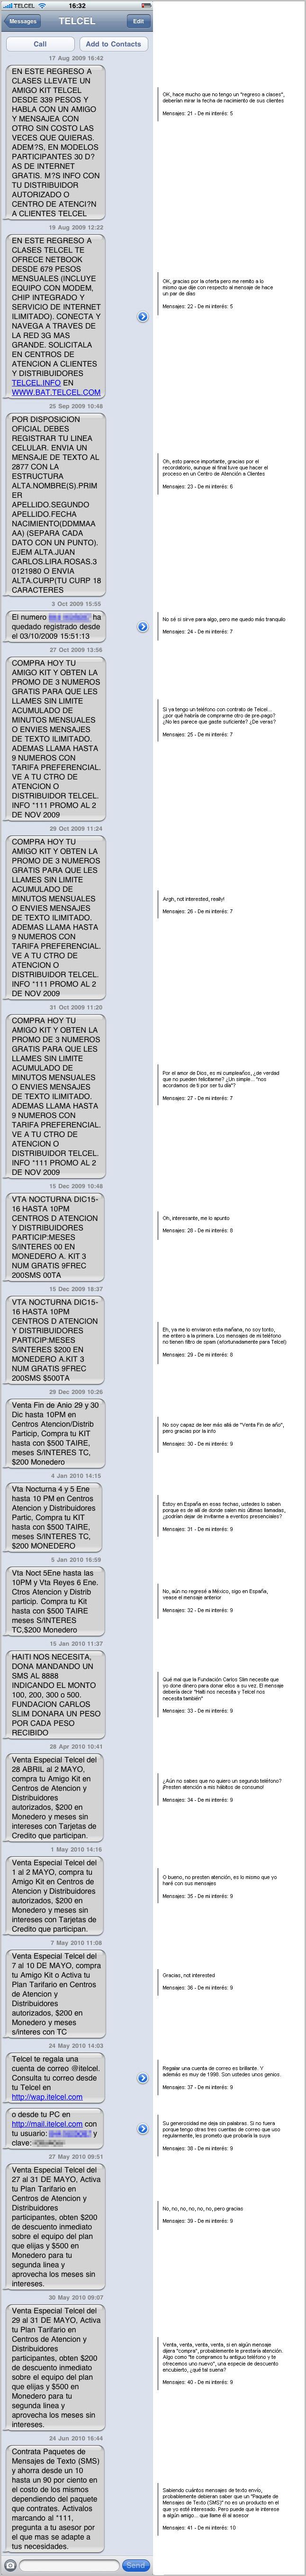 Mensajes recibidos de TELCEL